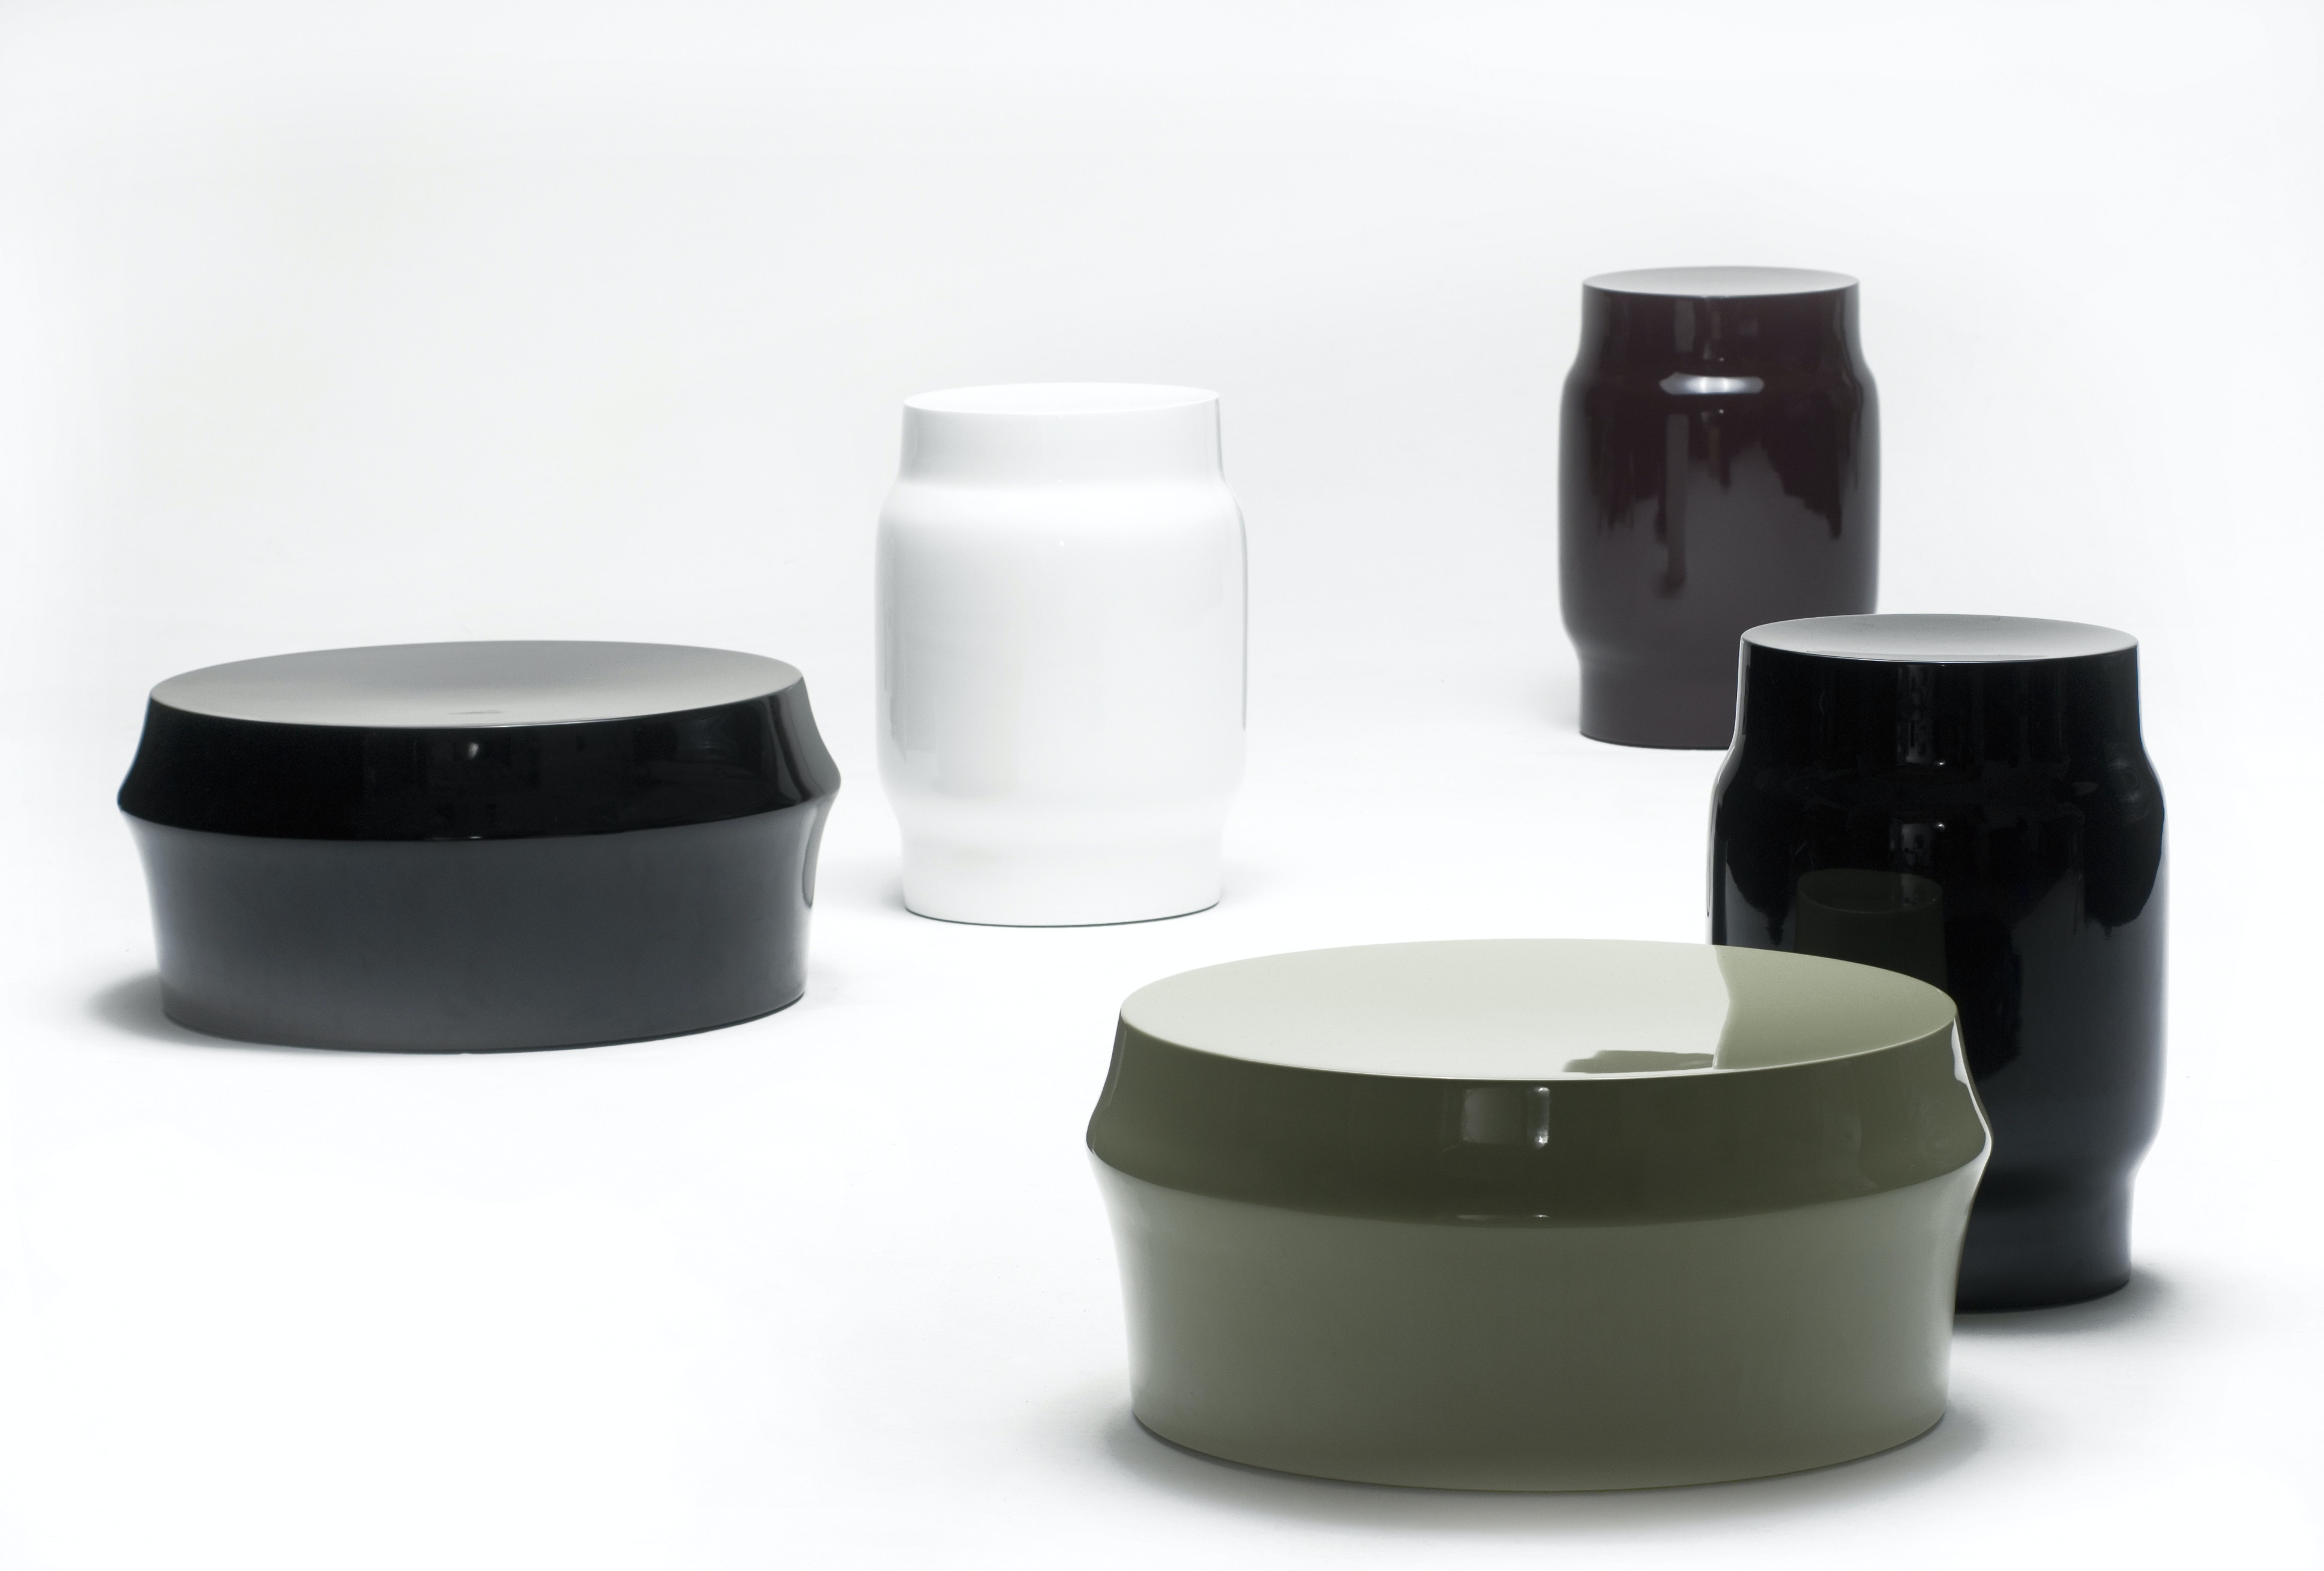 Lianou Stool and Zhuzi Table by Neri & Hu